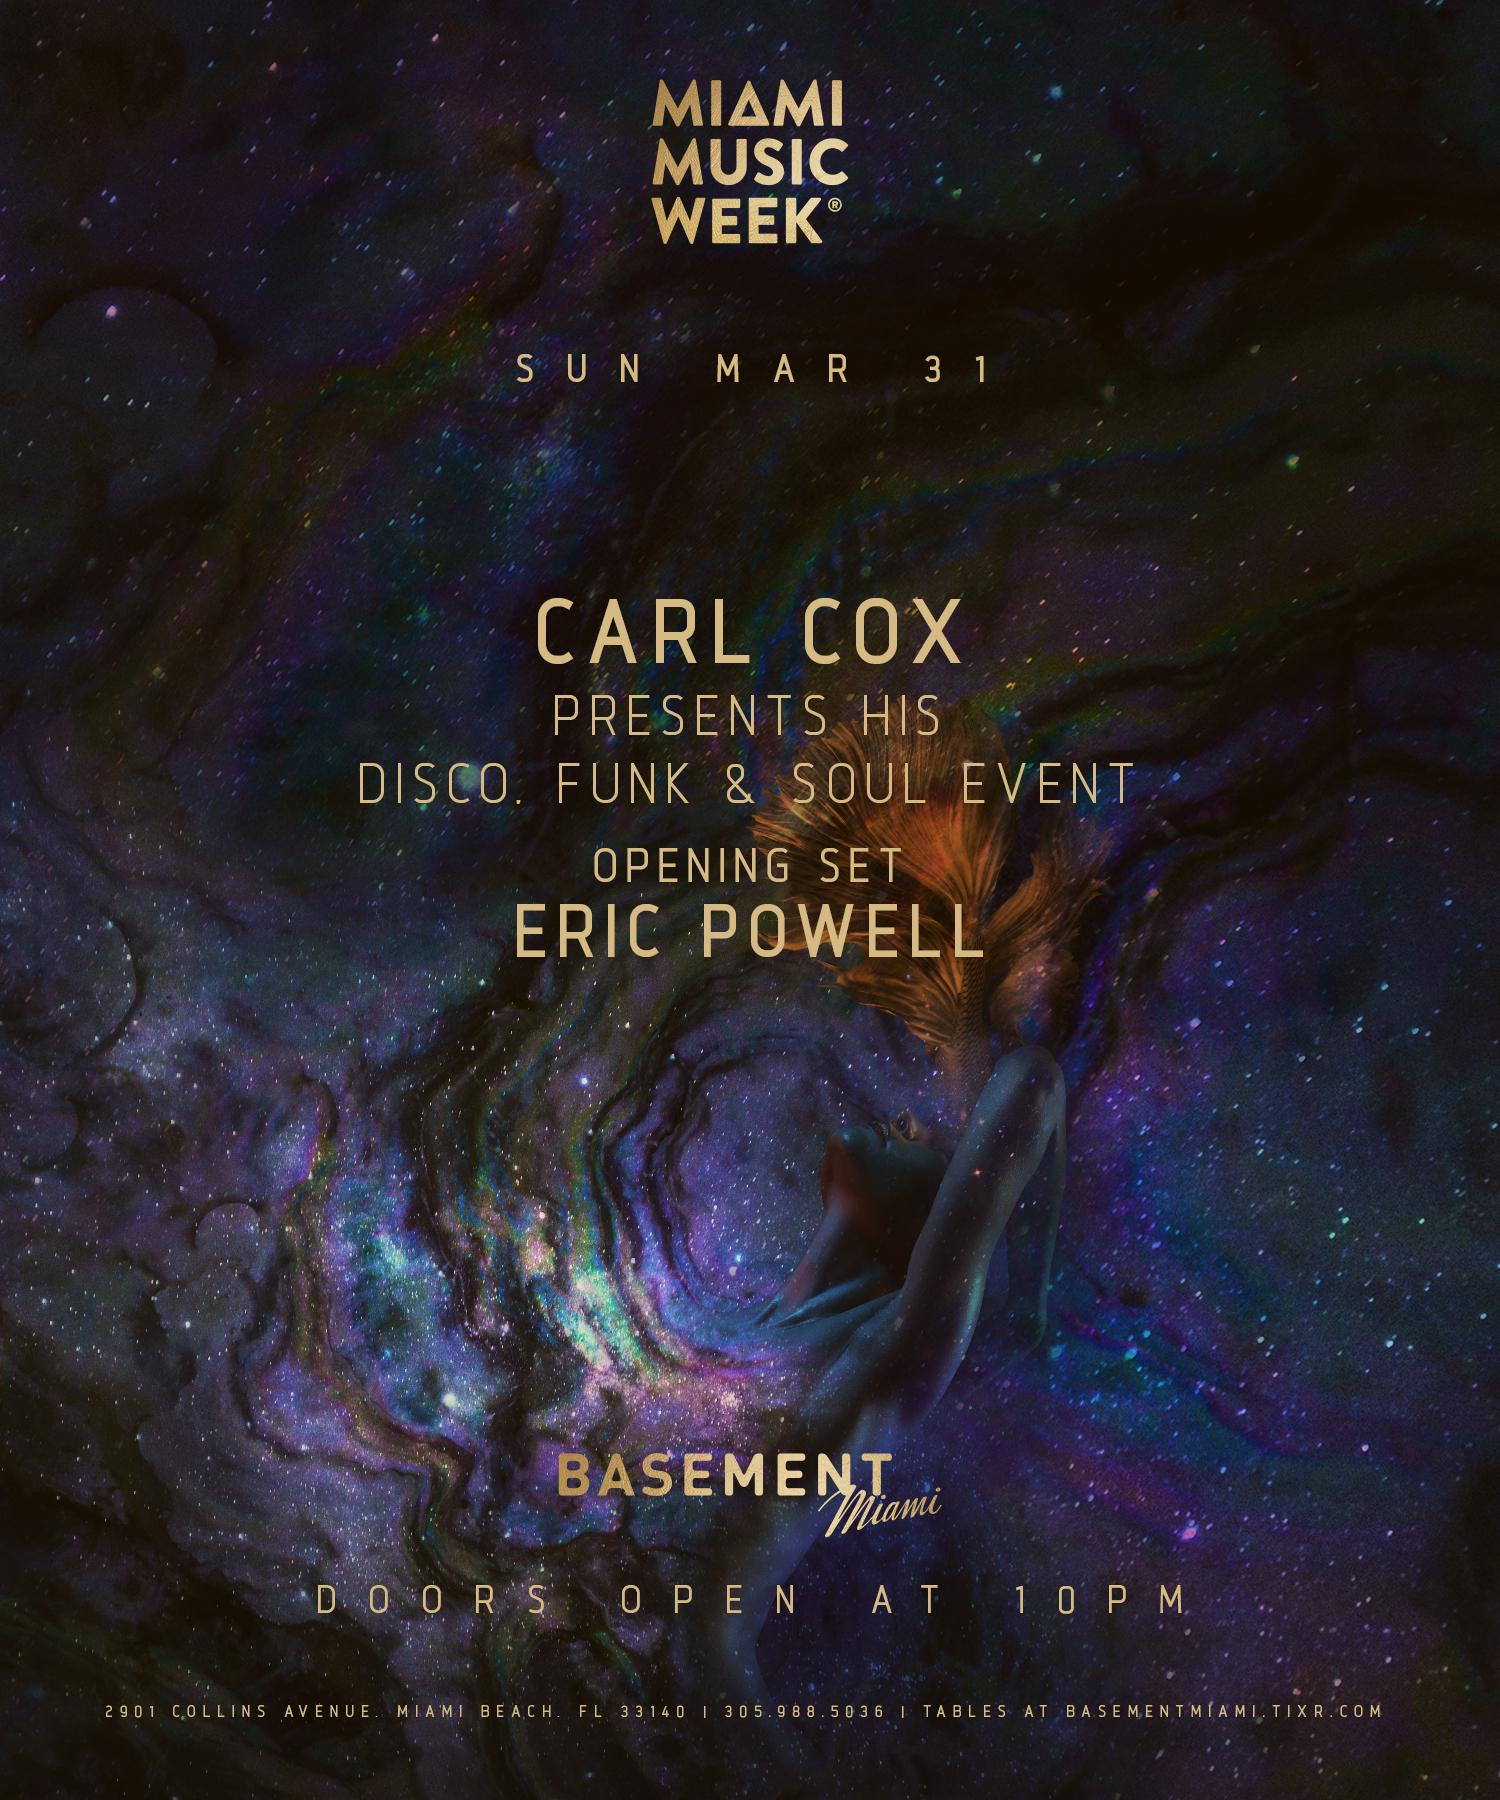 Carl Cox Presents His Disco, Funk & Soul Event Image